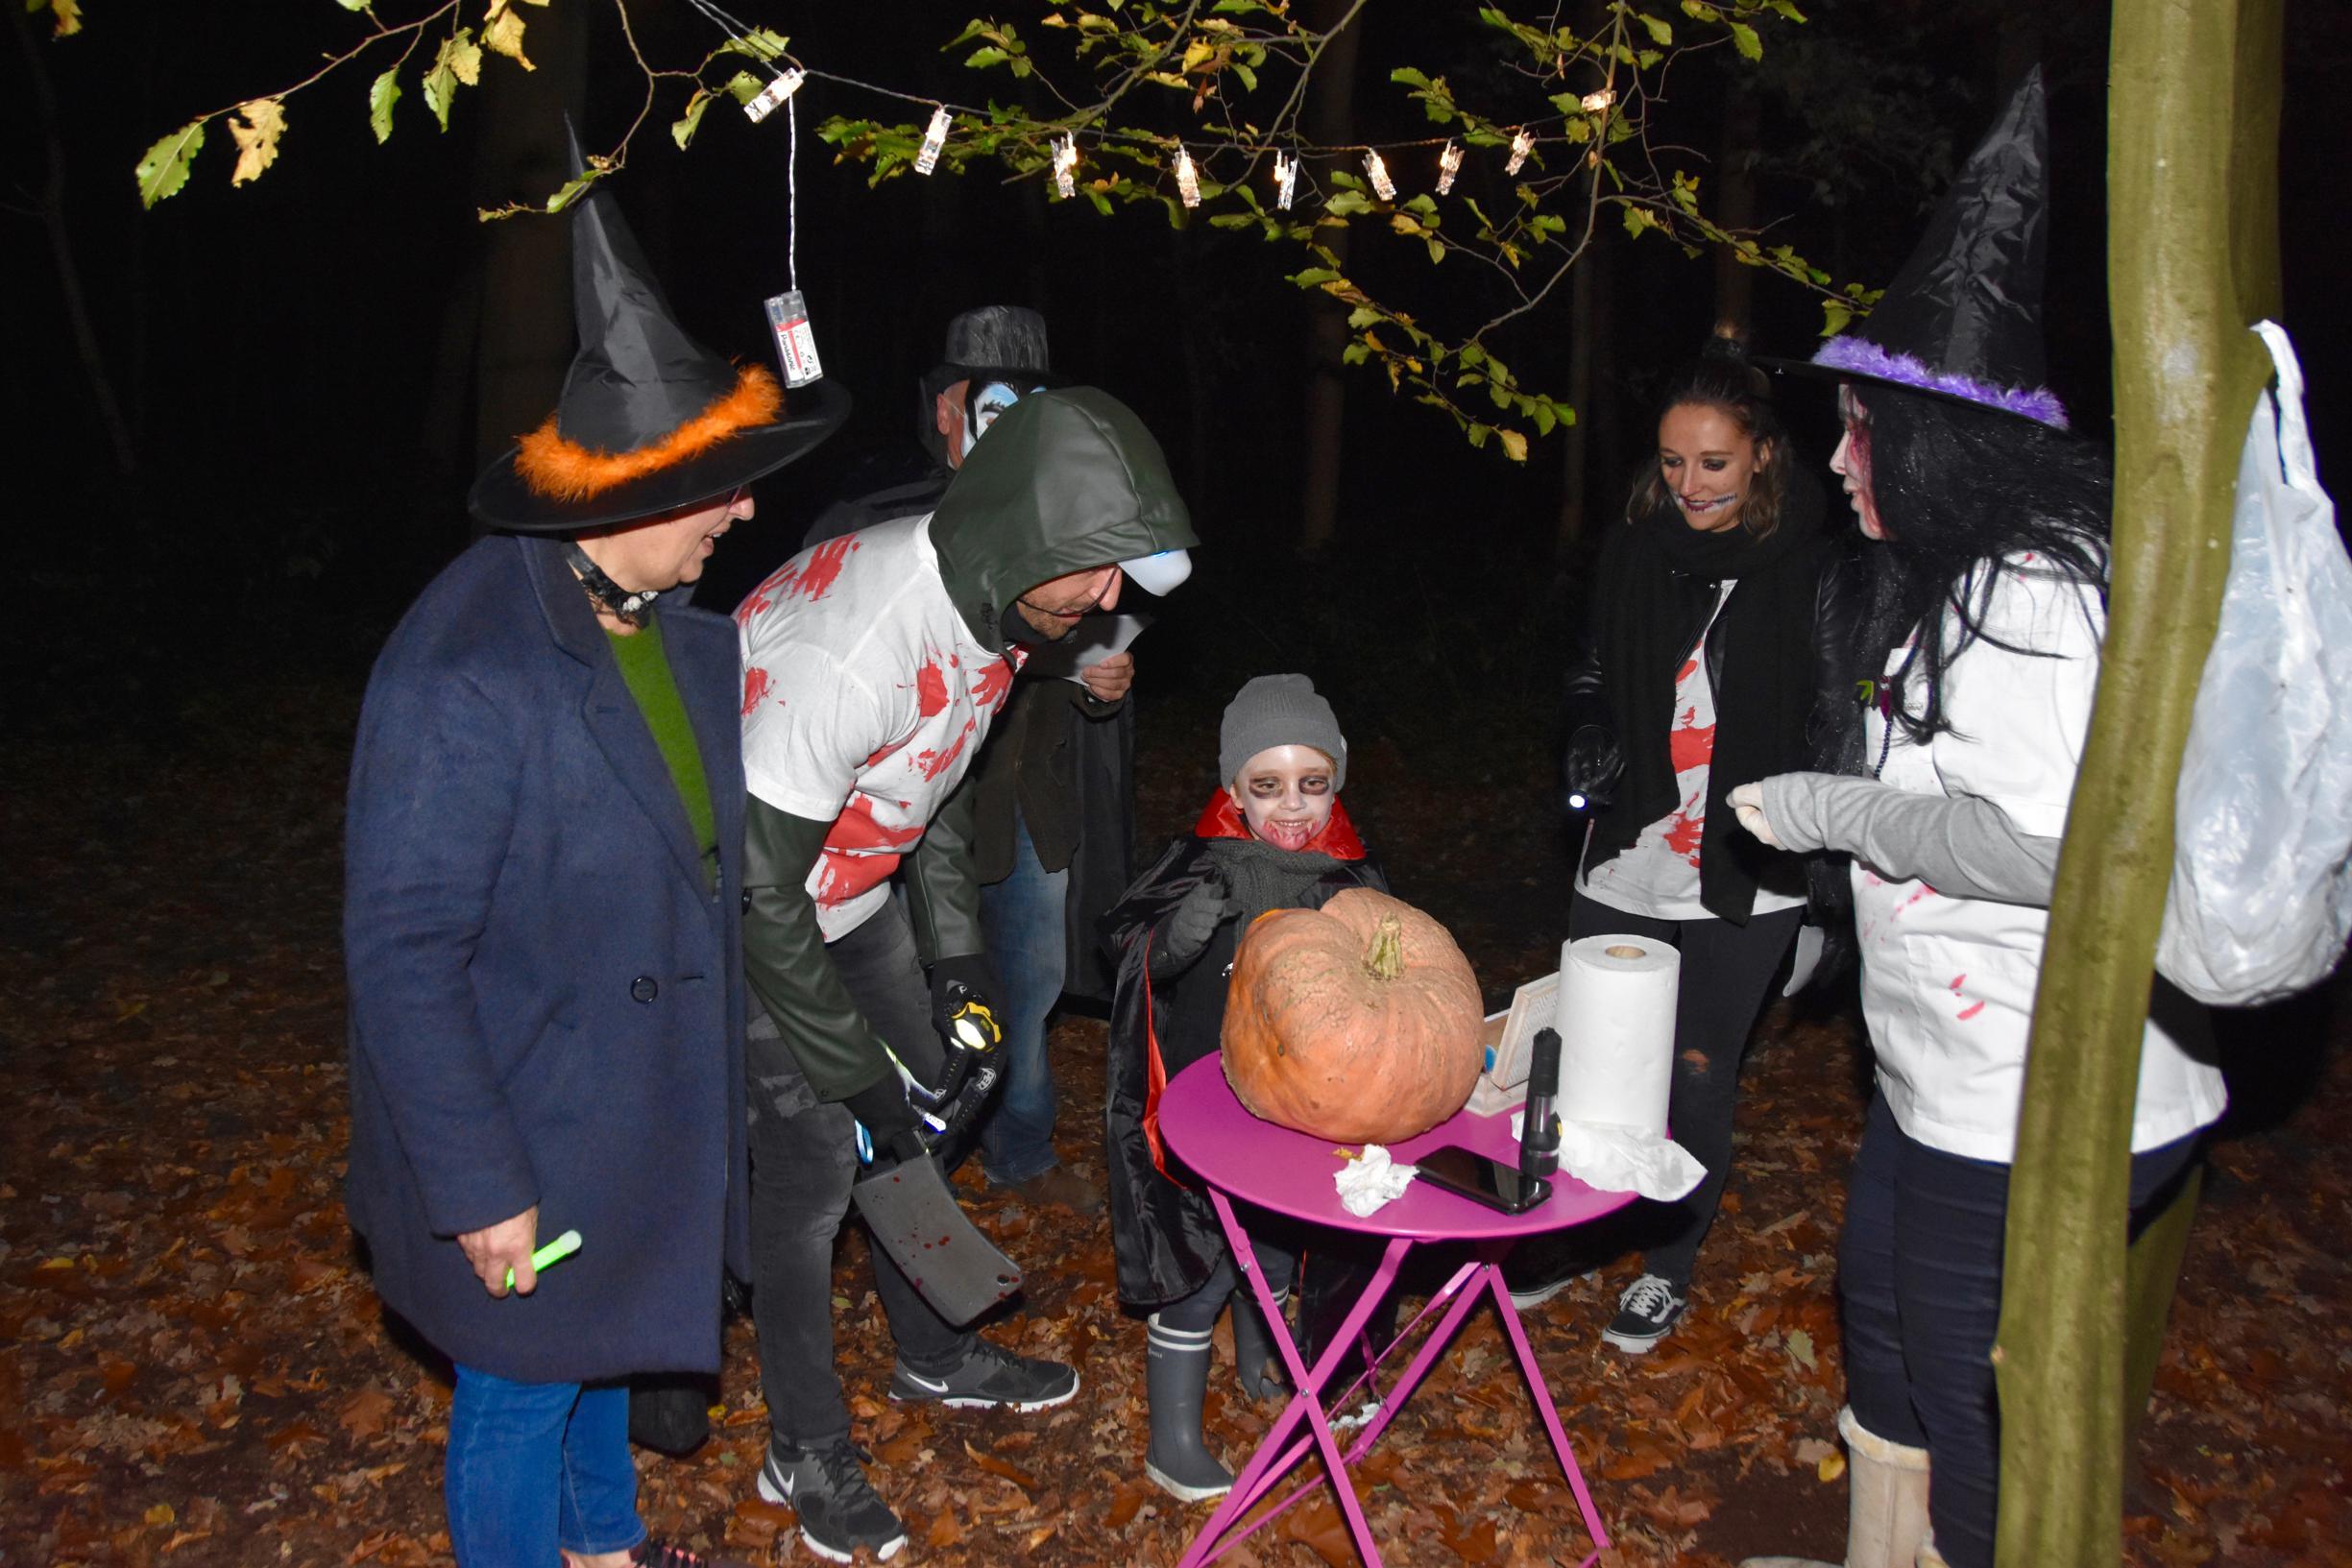 Zoeken naar uitgestoken ogen tijdens Halloweentocht in park van Hingene